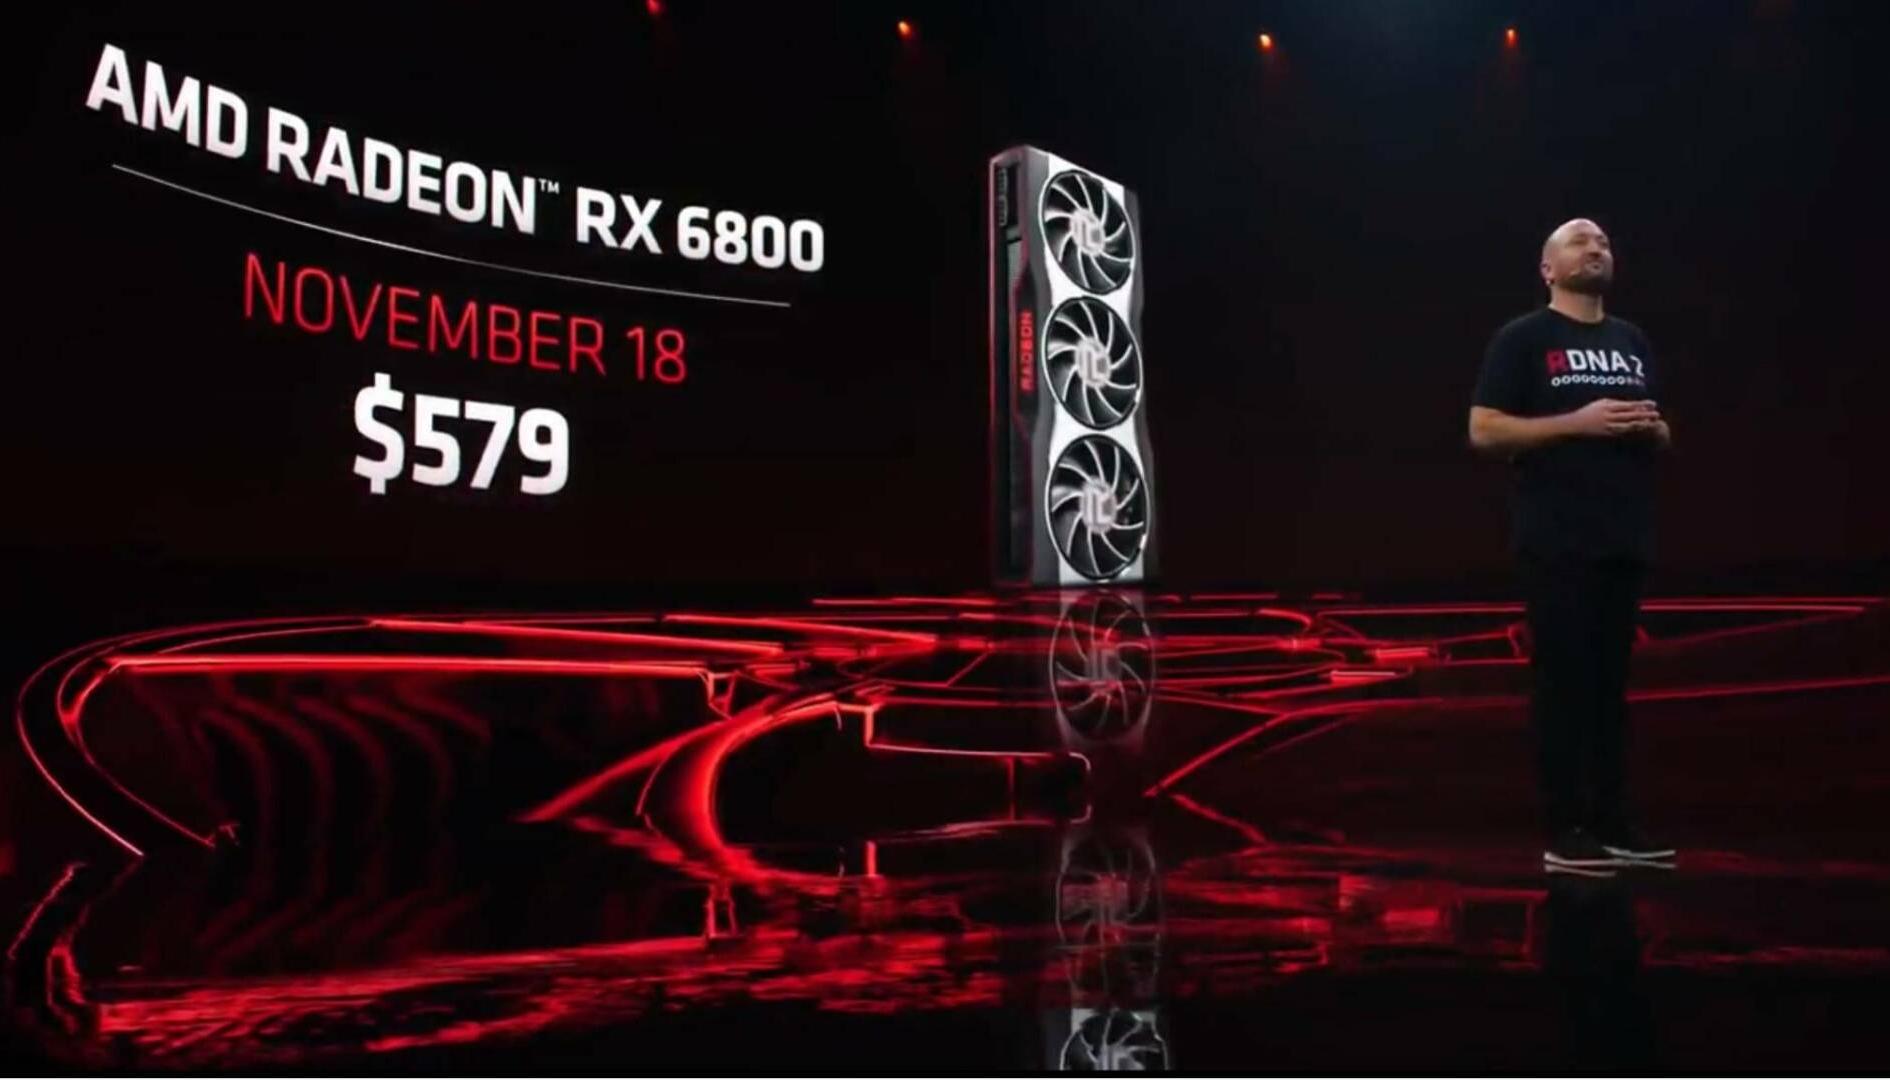 La Radeon RX 6800 sarà il sogno dei miner?